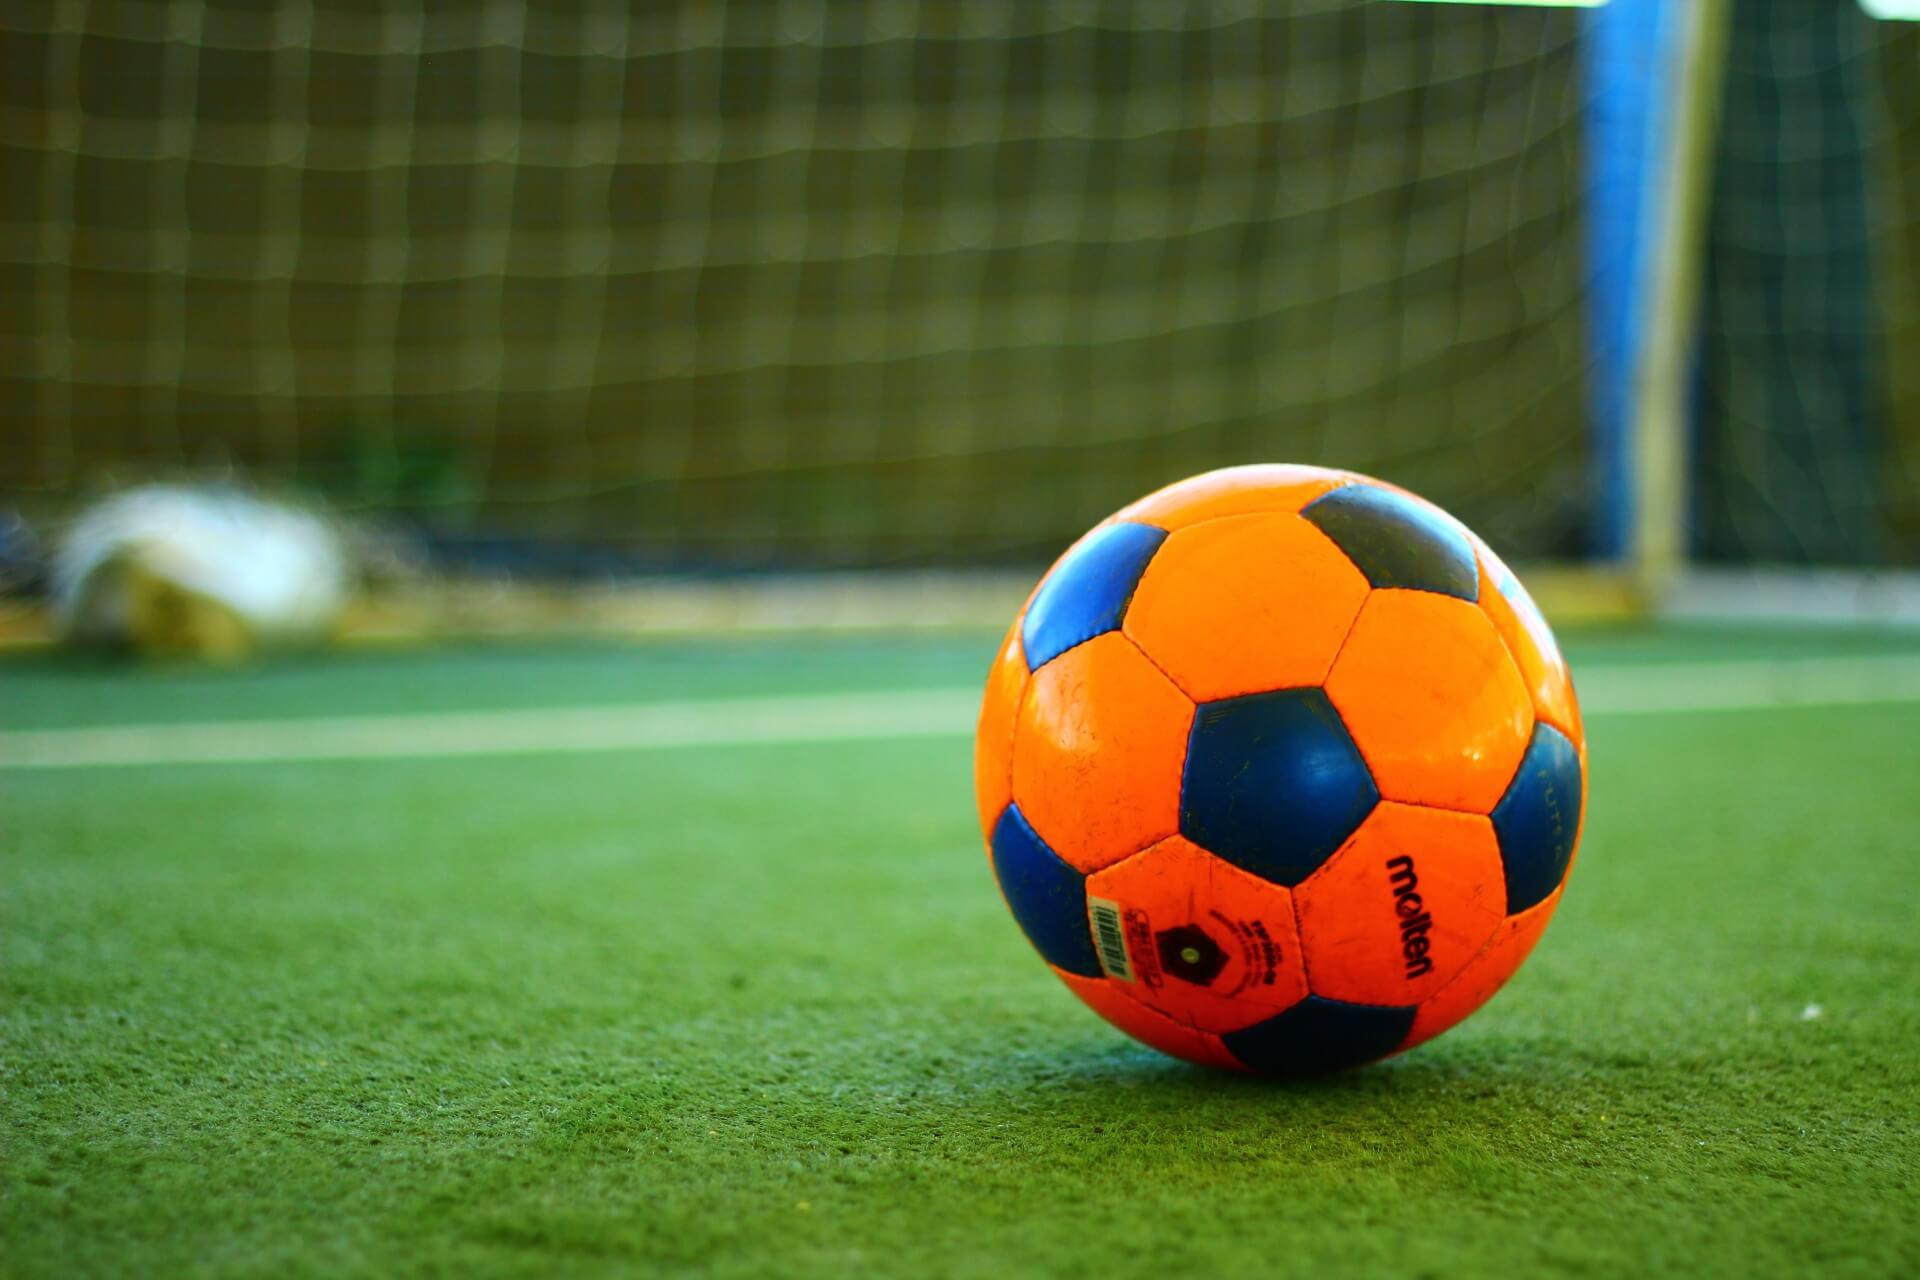 サッカーで格好良くプレーしたいエラシコのやり方とコツ